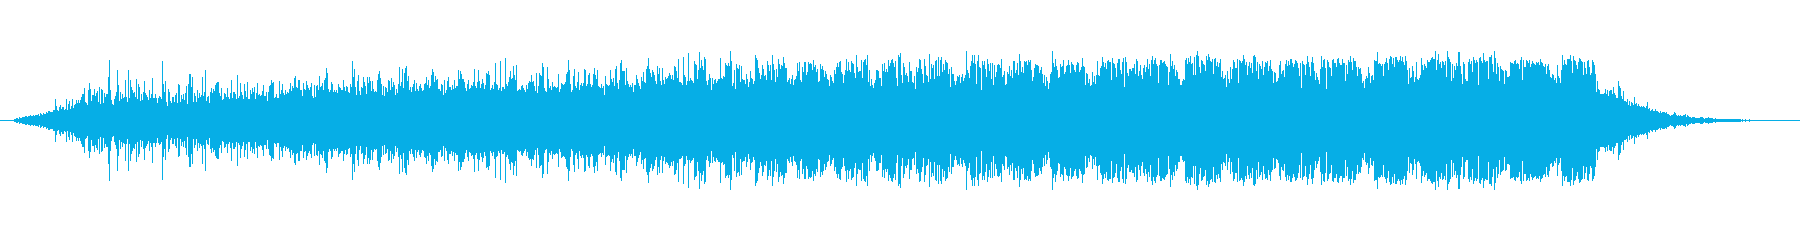 ノイズ ランダムノイズトーン03の再生済みの波形